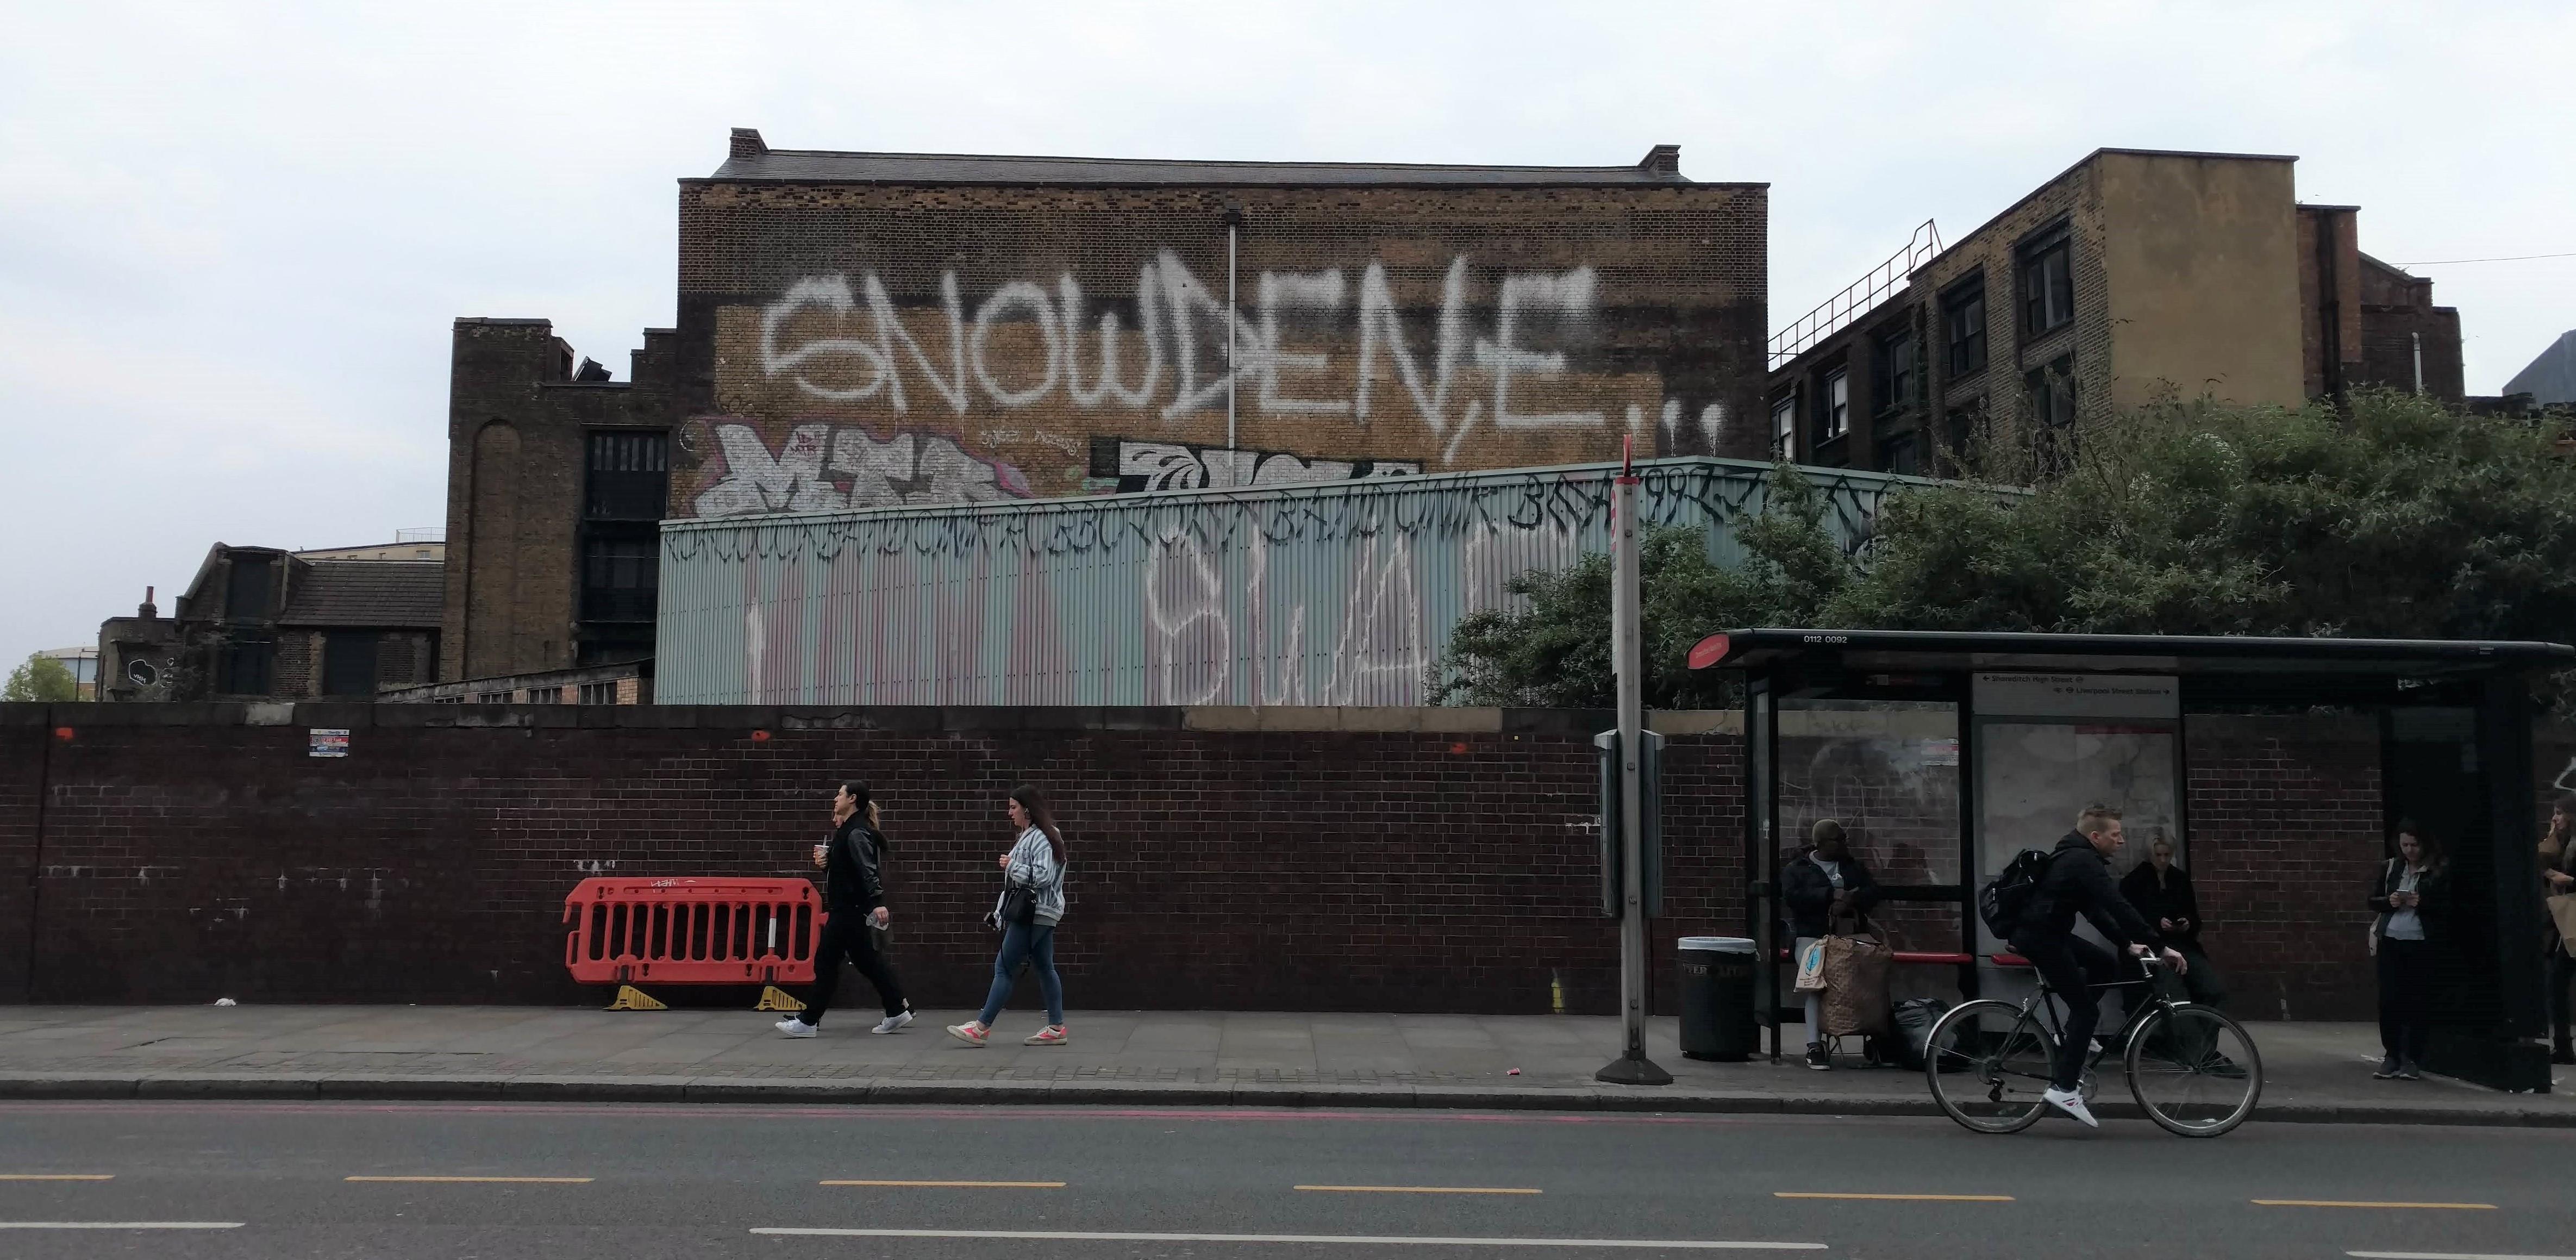 graffiti - SNOWDEN, E...